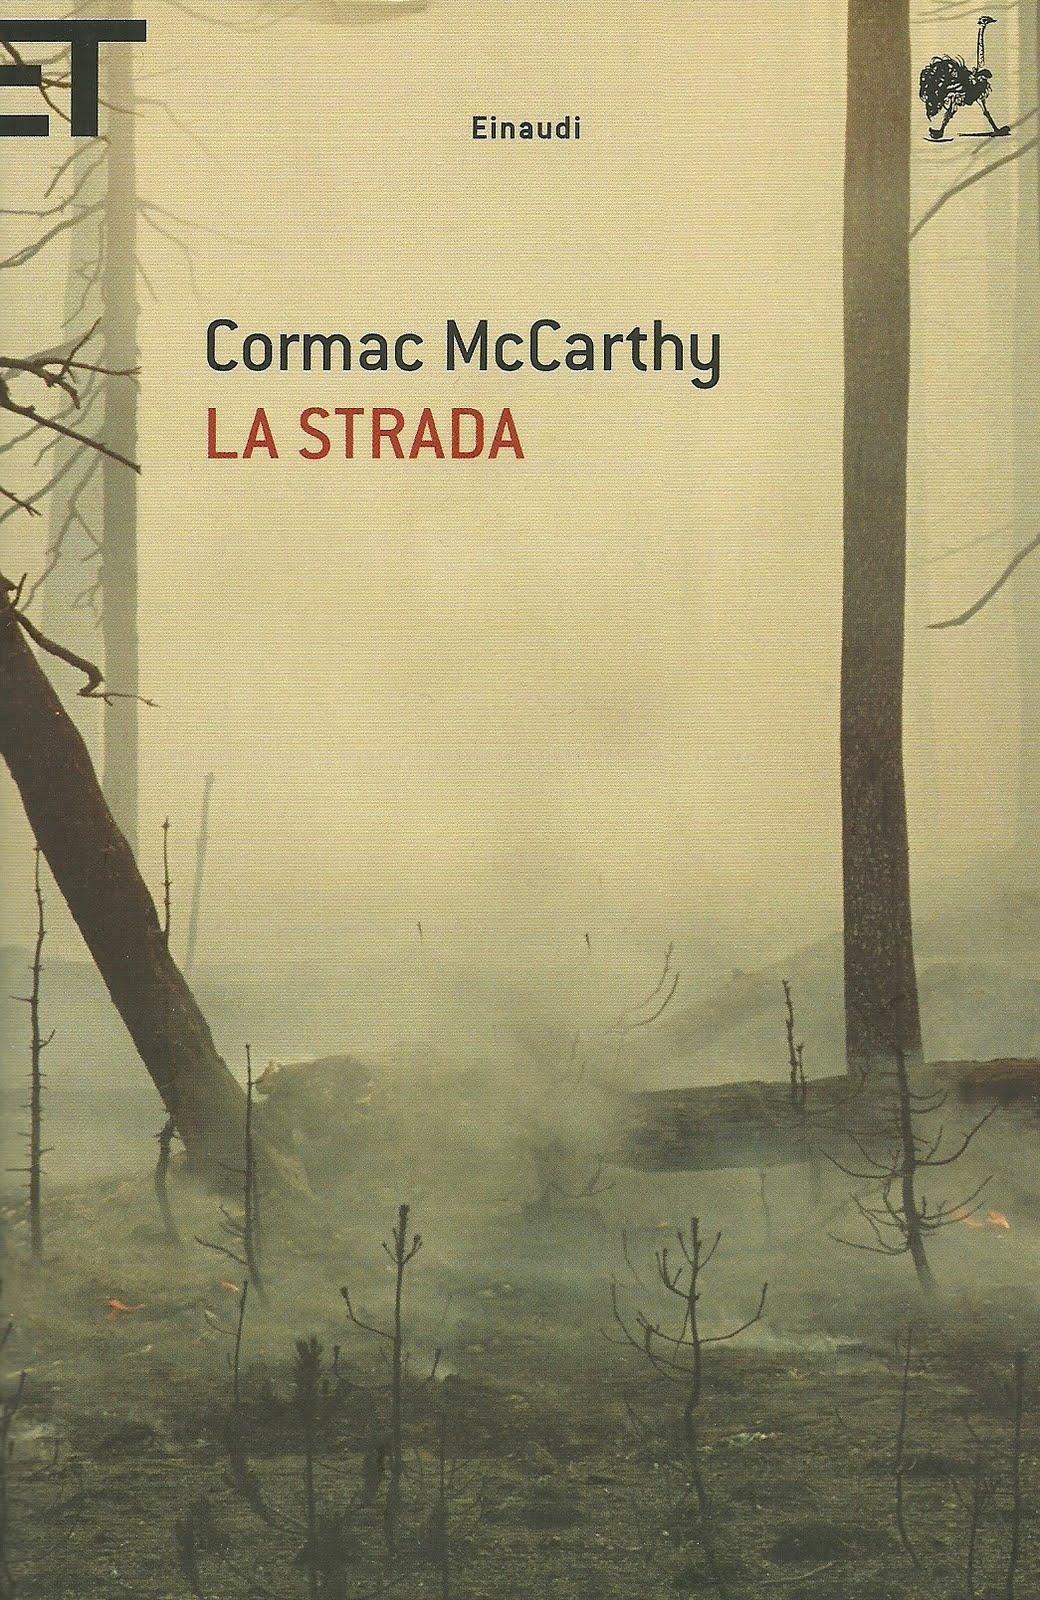 La strada di Cormac McCarthy romanzo post apocalittico